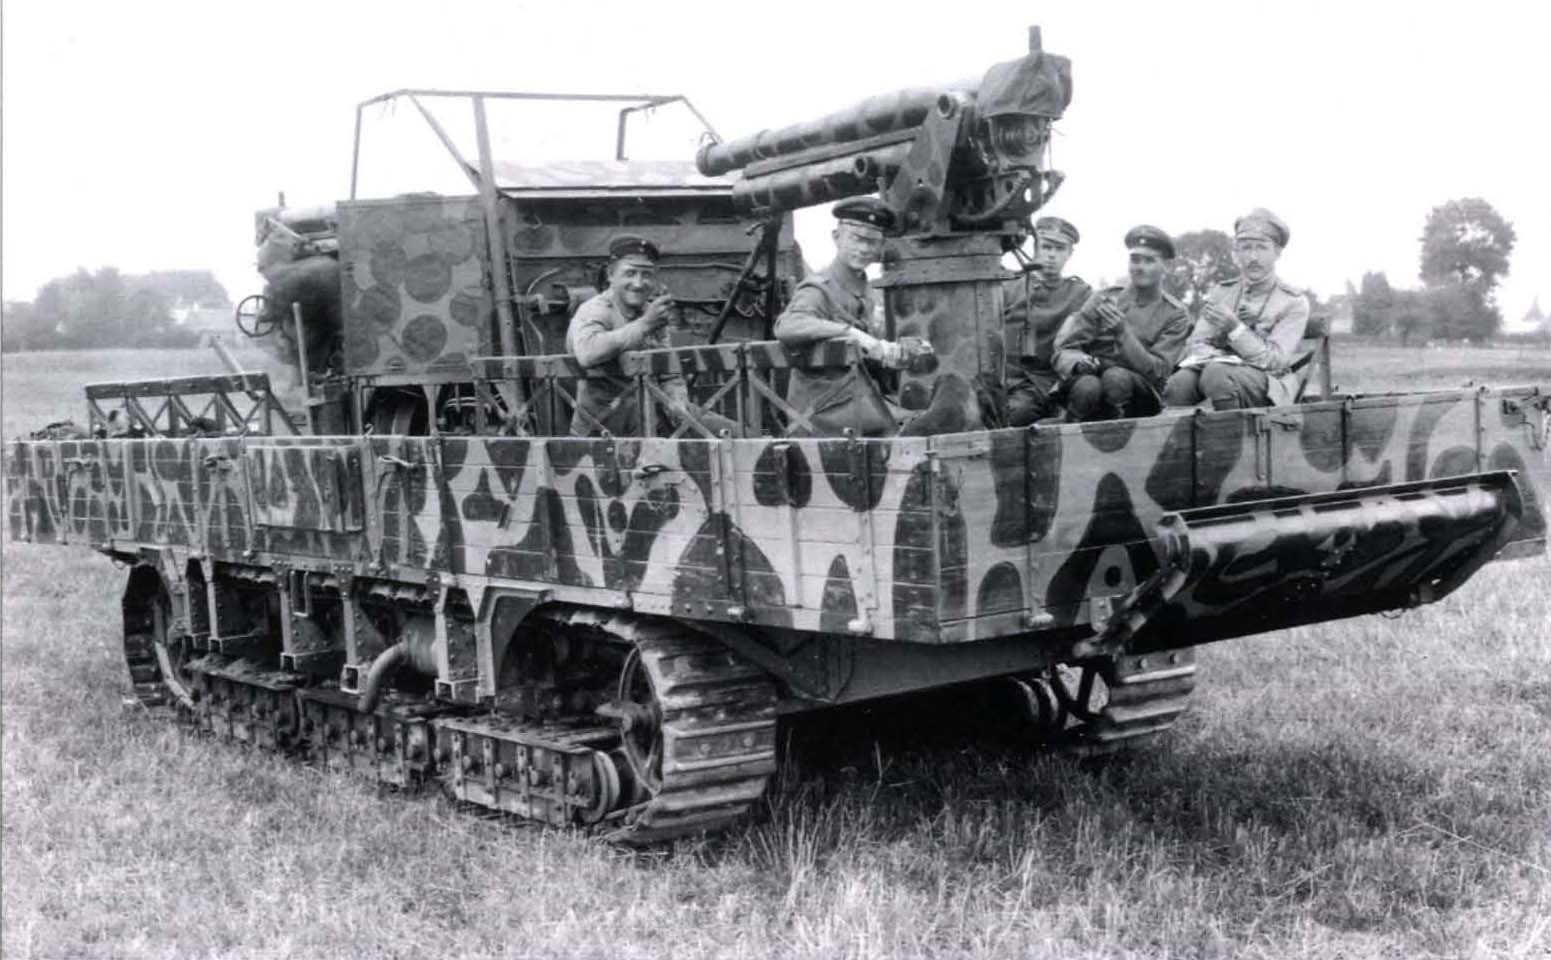 A7V Überlandwagen Als Selbstfahrlafette Für Zwei 7,62cm